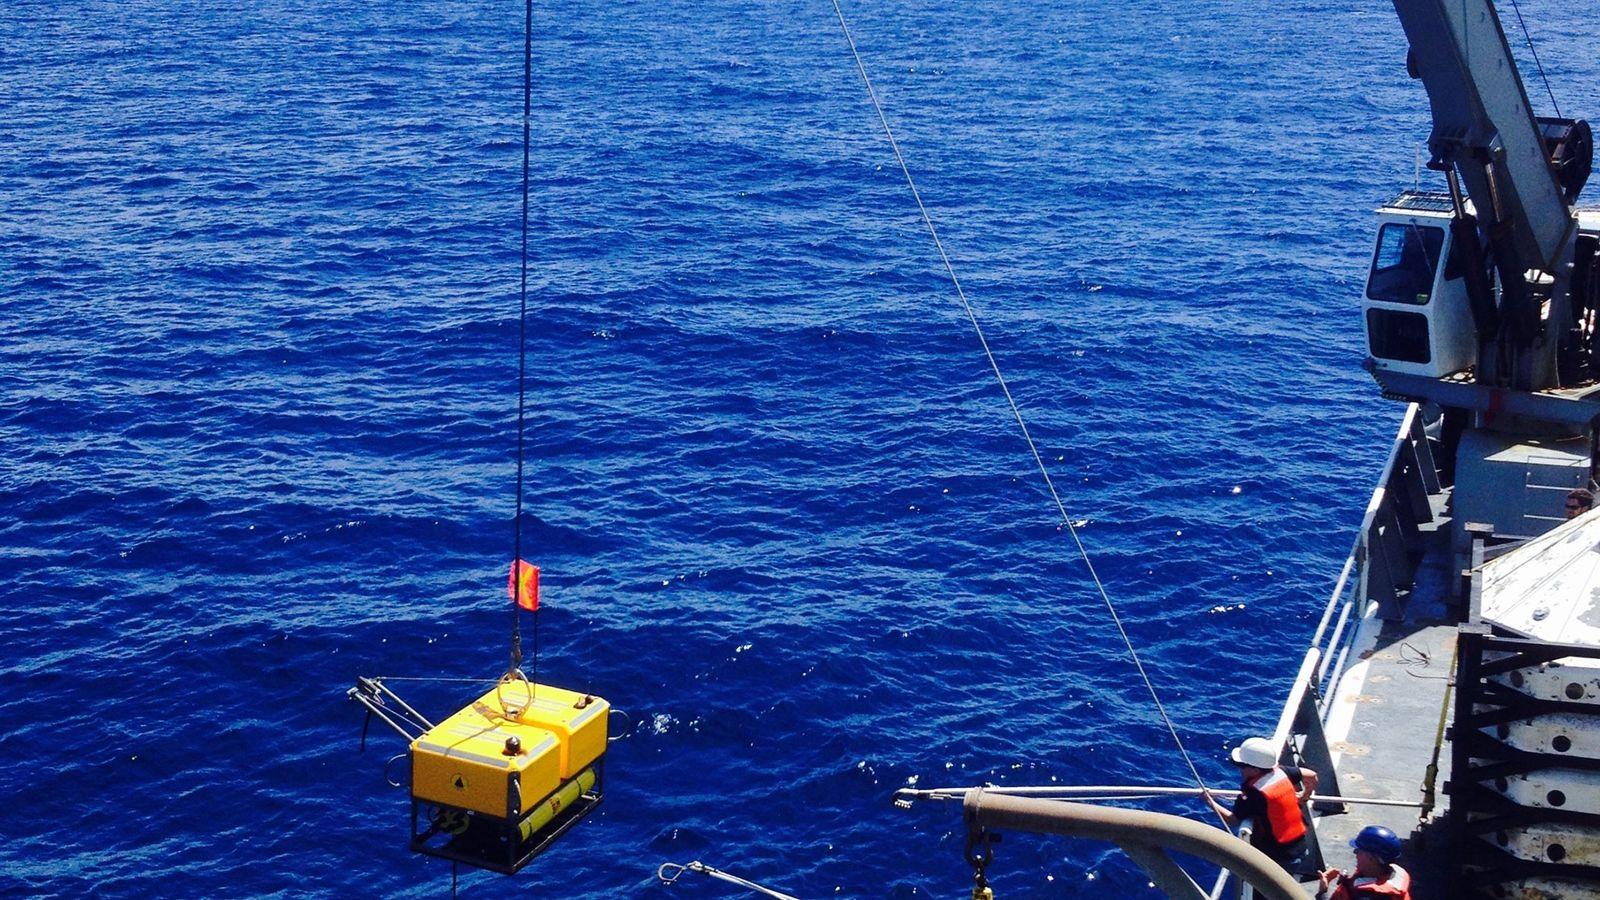 Les scientifiques à bord du navire oécanographique Thomas G. Thompson récupèrent un sismomètre qui enregistraient les ...